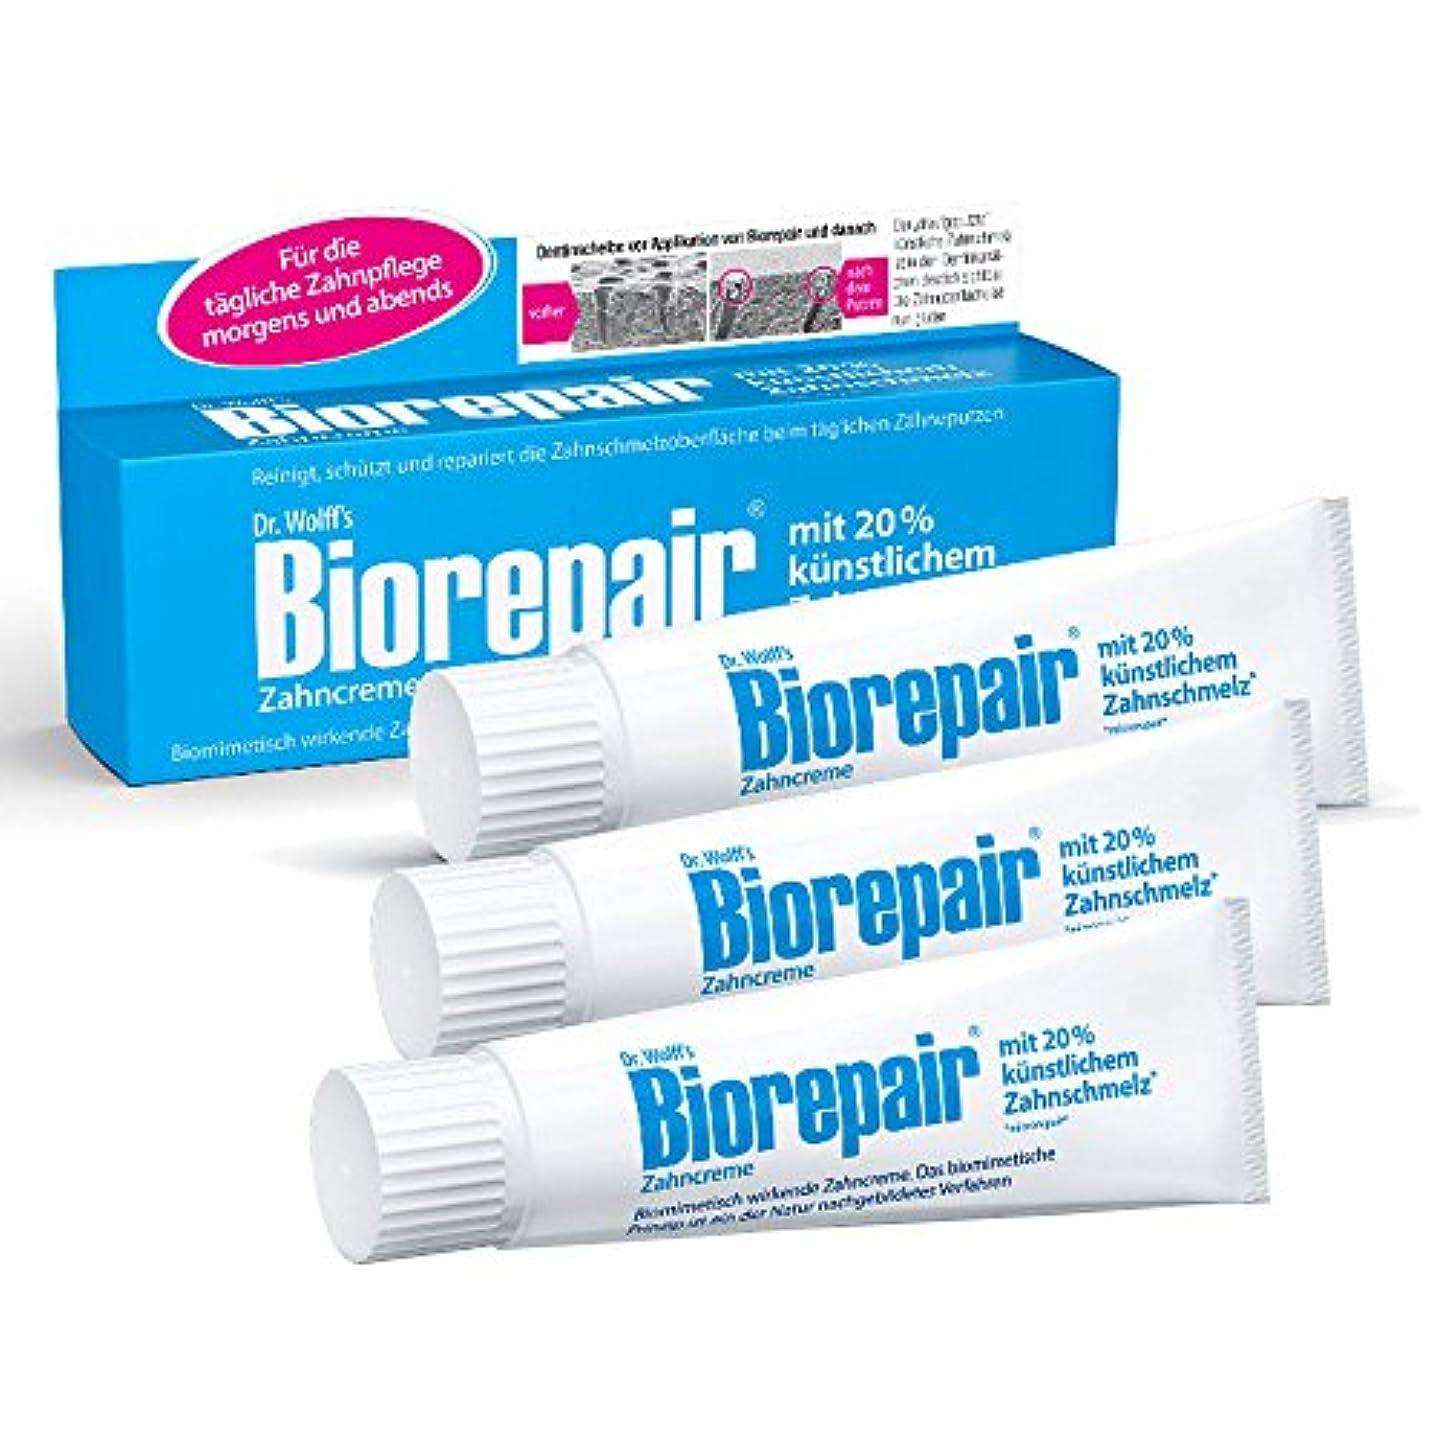 パンチあなたのものエクステントBiorepair 歯磨き粉オリジナル、75ml 歯の保護 耐摩耗性 x 3 [並行輸入品]